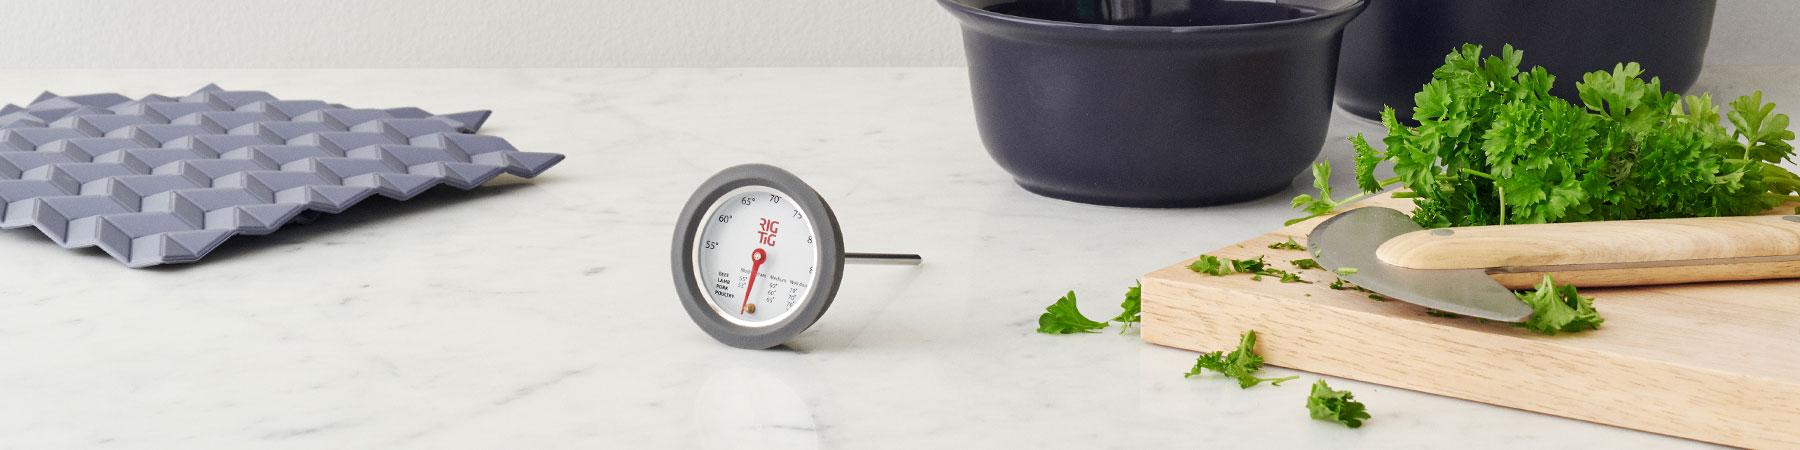 Termometrar | Bagaren och Kocken